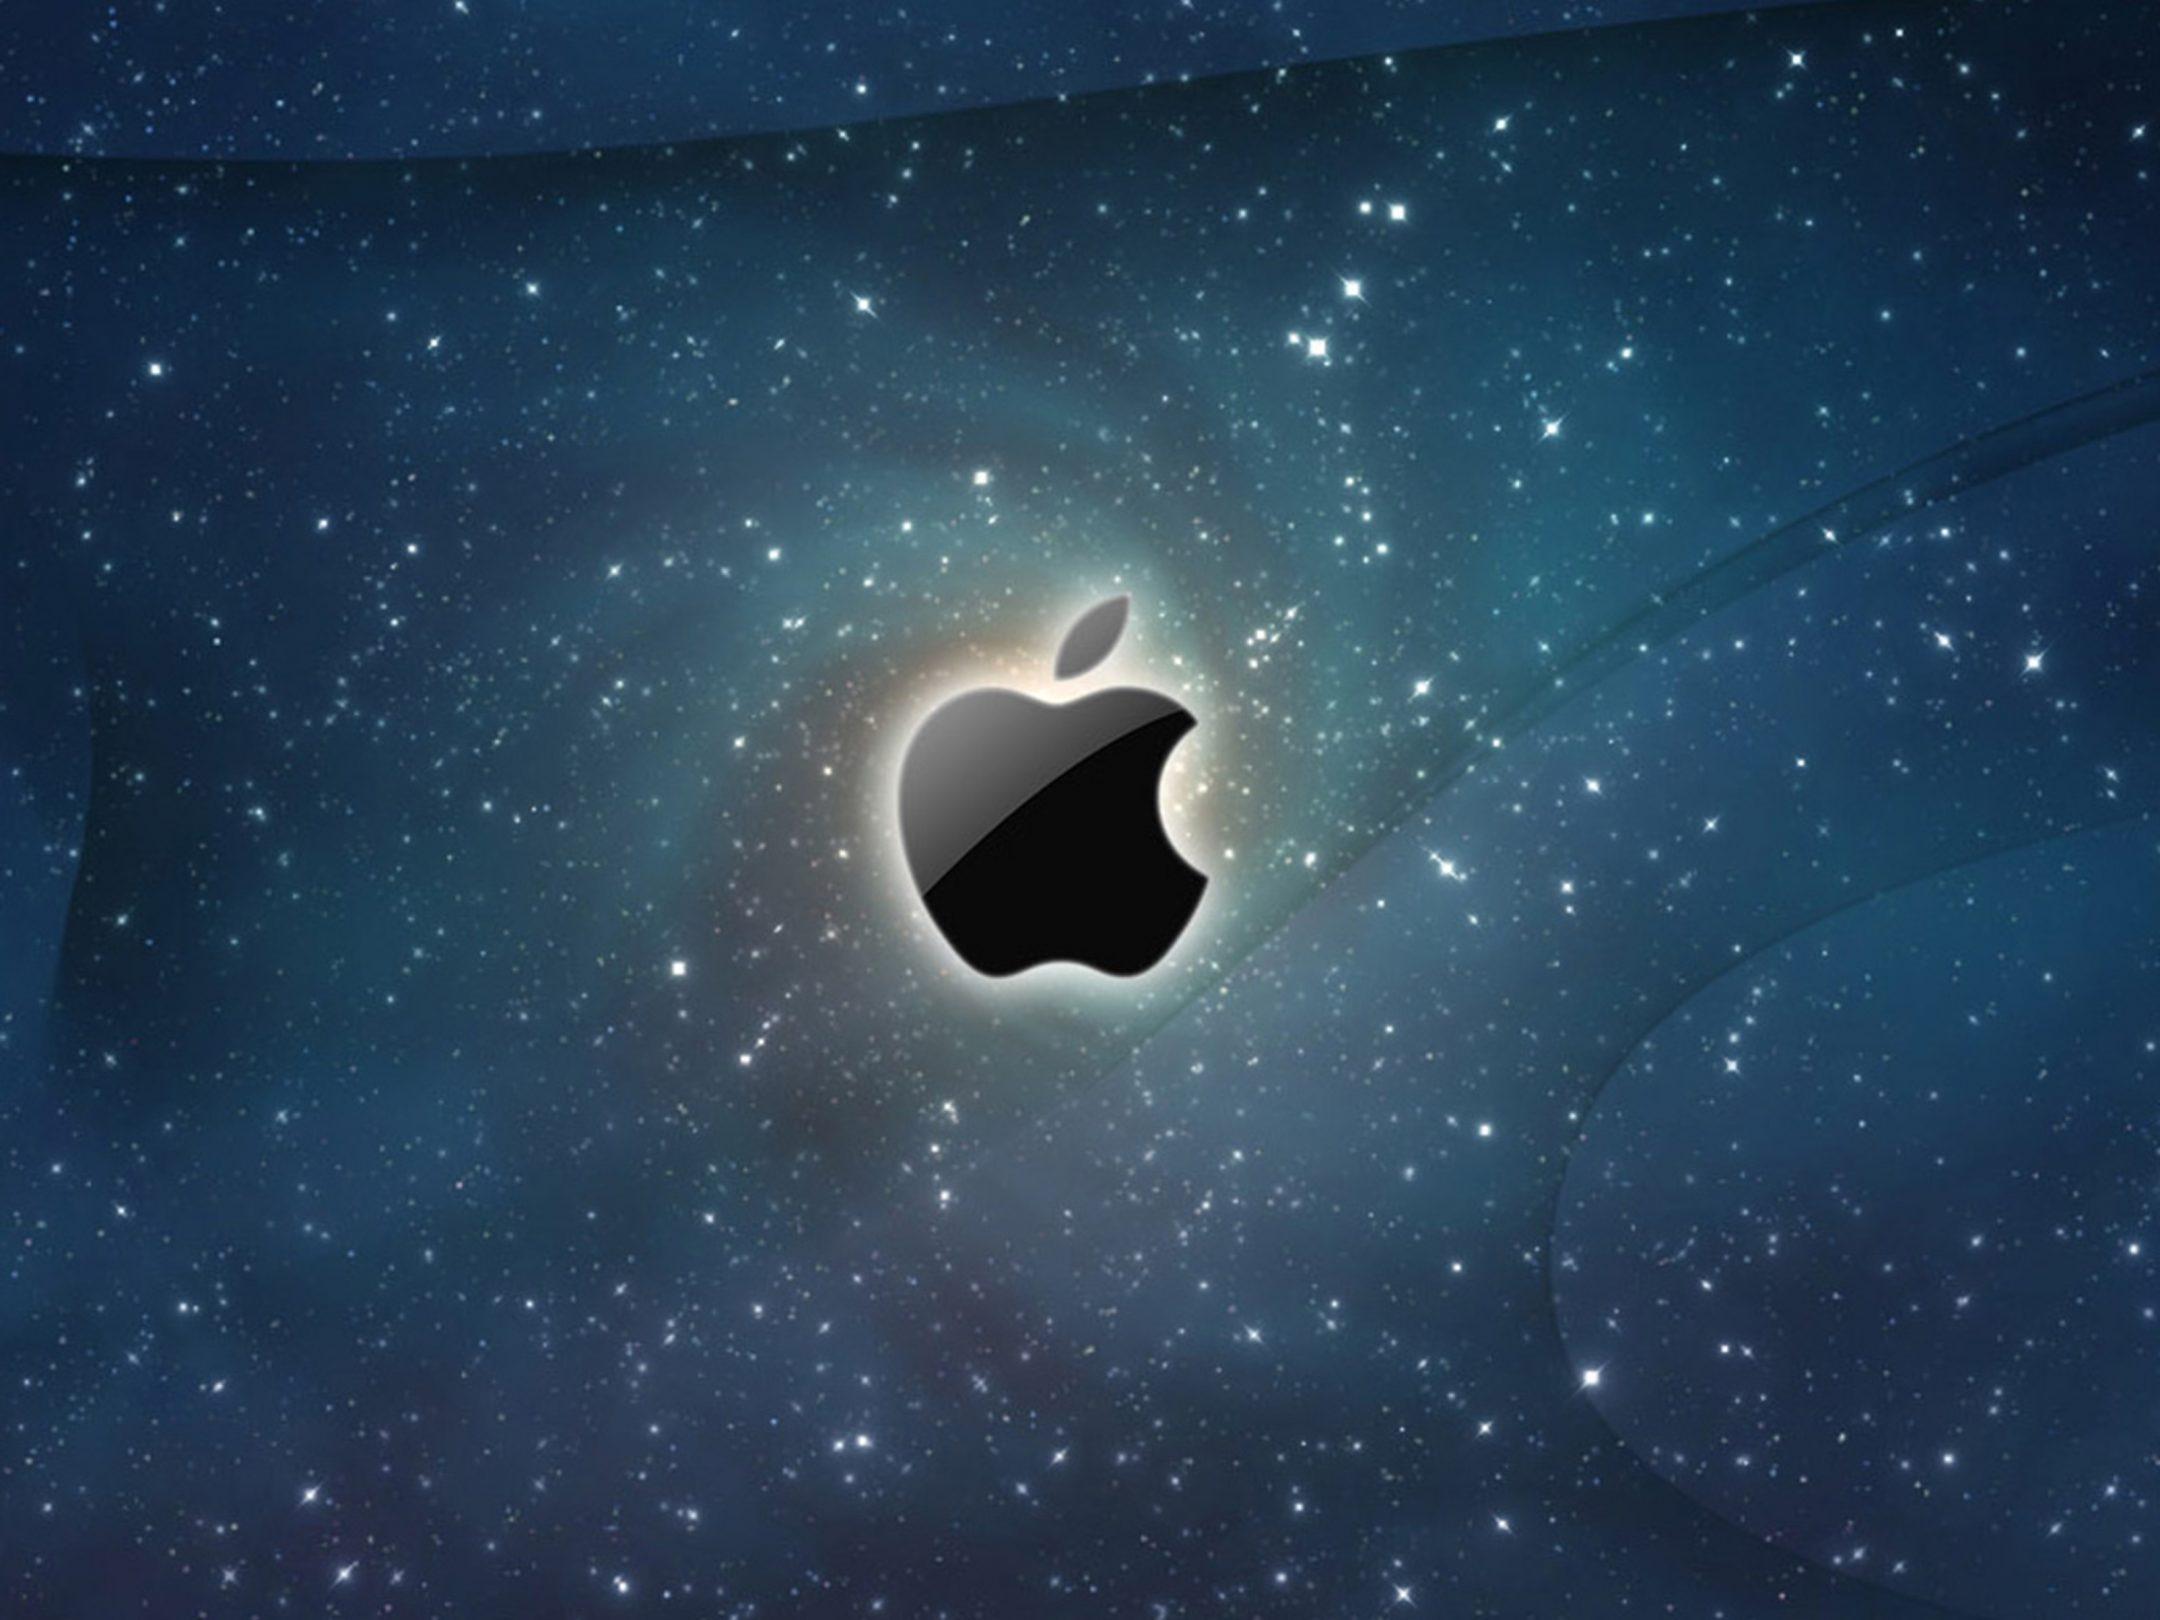 2160x1620 iPad wallpaper 4k Apple Space Ipad Wallpaper 2160x1620 pixels resolution